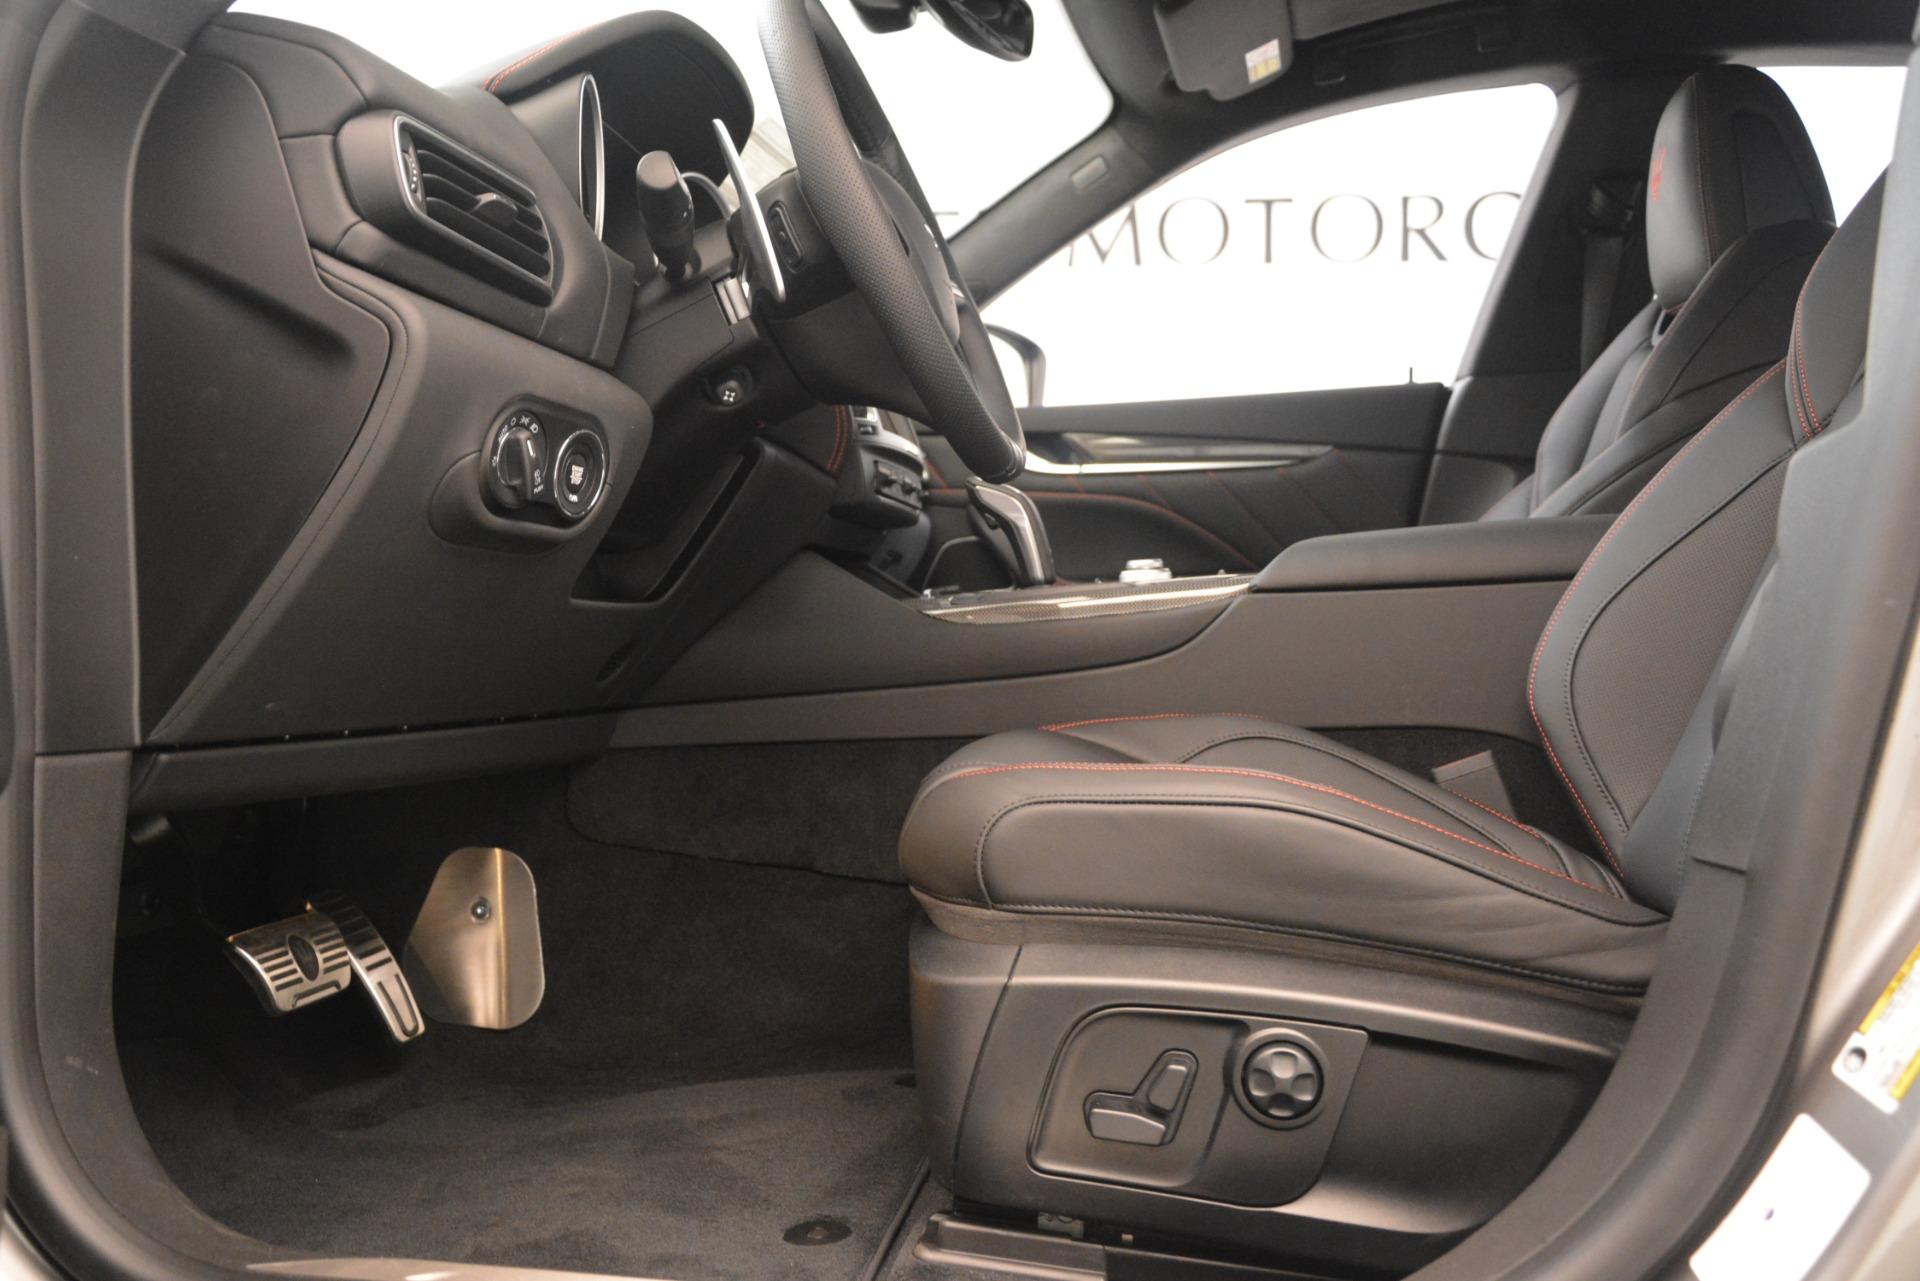 New 2019 Maserati Levante SQ4 GranSport Nerissimo For Sale In Greenwich, CT. Alfa Romeo of Greenwich, M2306 3177_p14